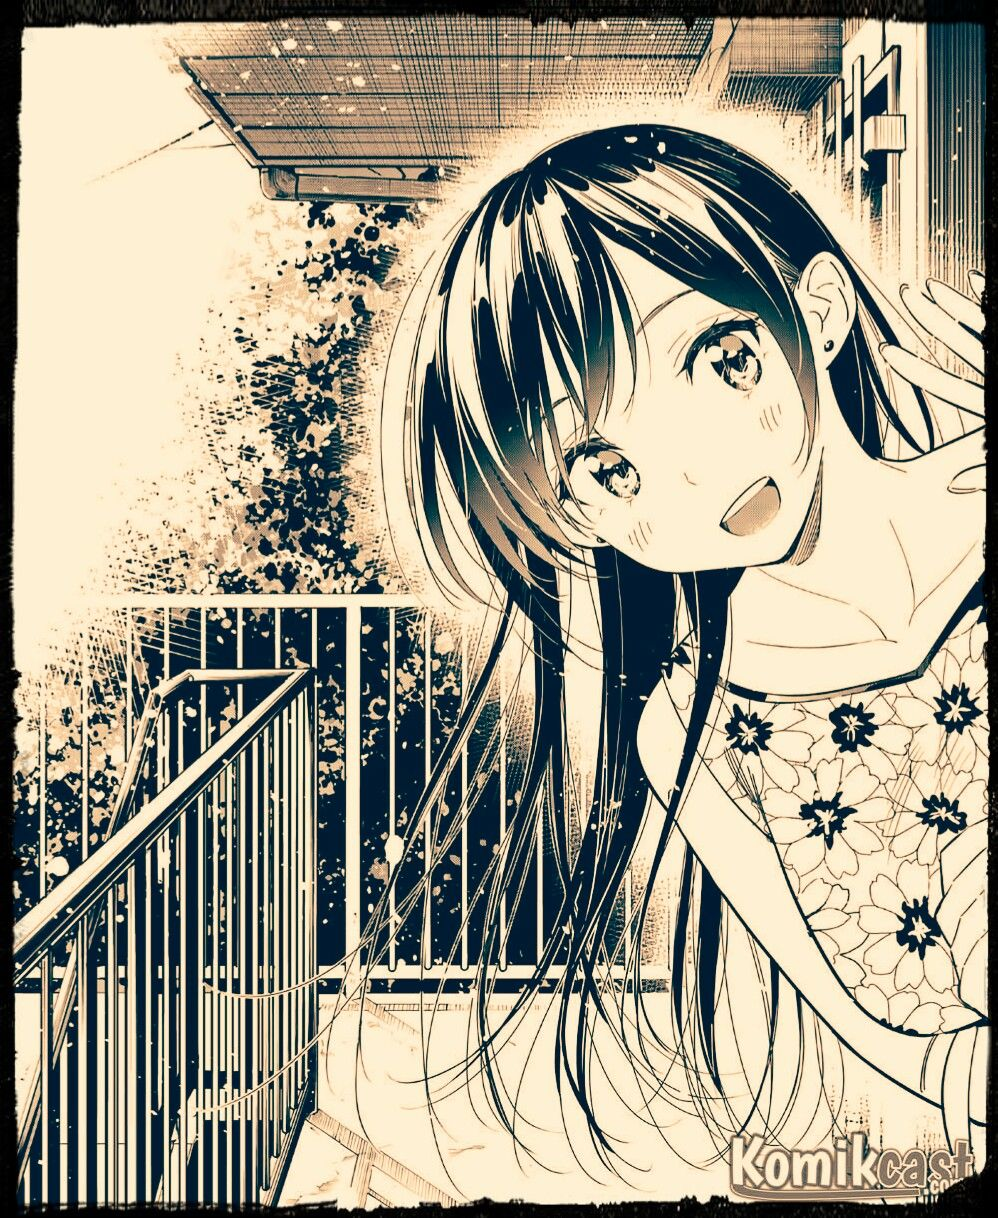 Pin oleh Manga Snapshot di Chizuru ichinose